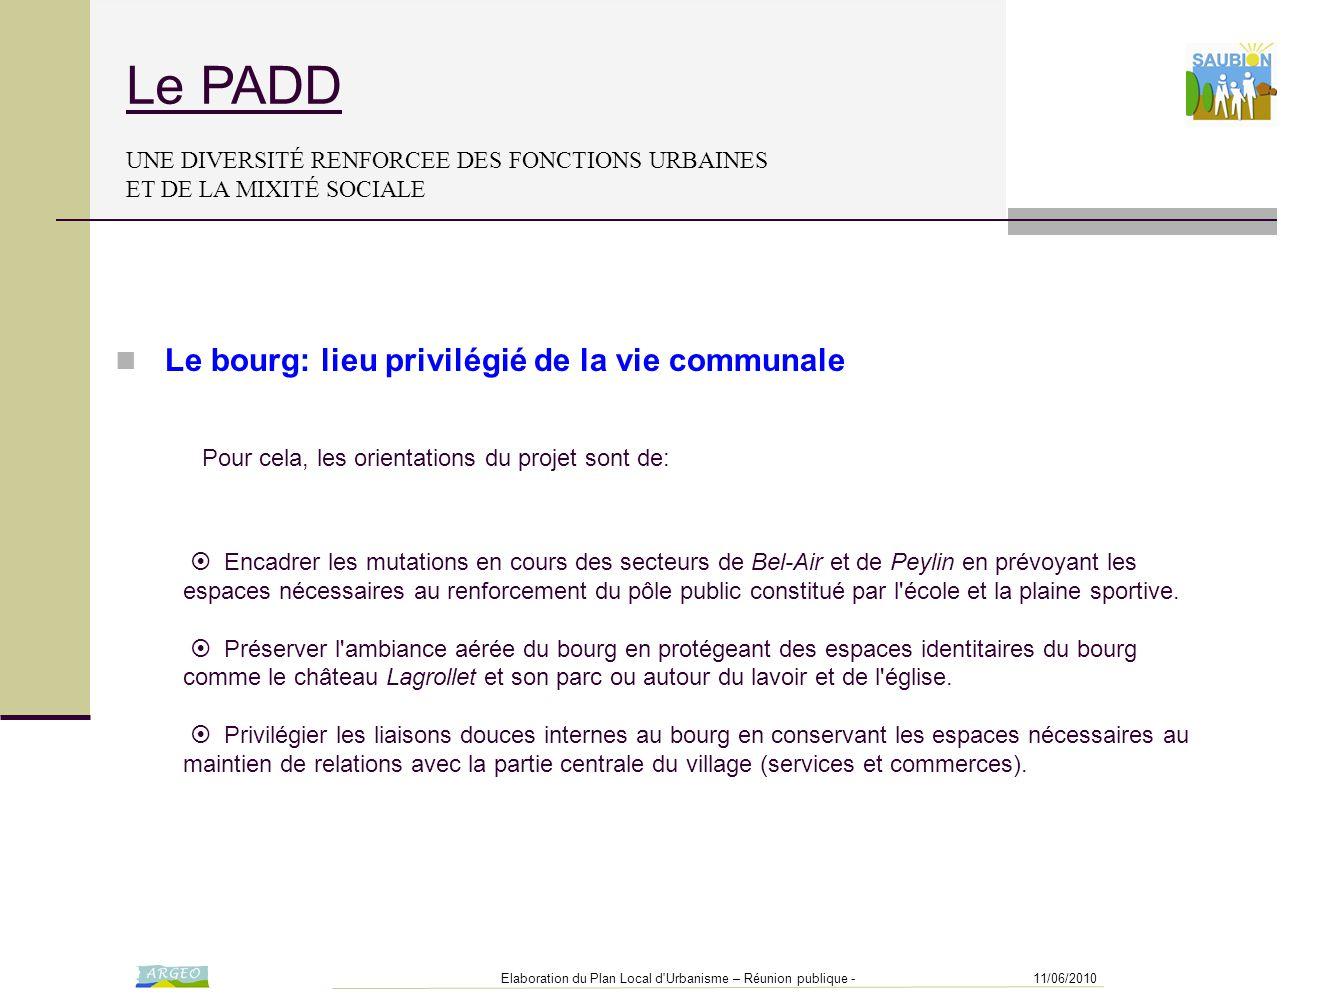 Le PADD UNE DIVERSITÉ RENFORCEE DES FONCTIONS URBAINES ET DE LA MIXITÉ SOCIALE